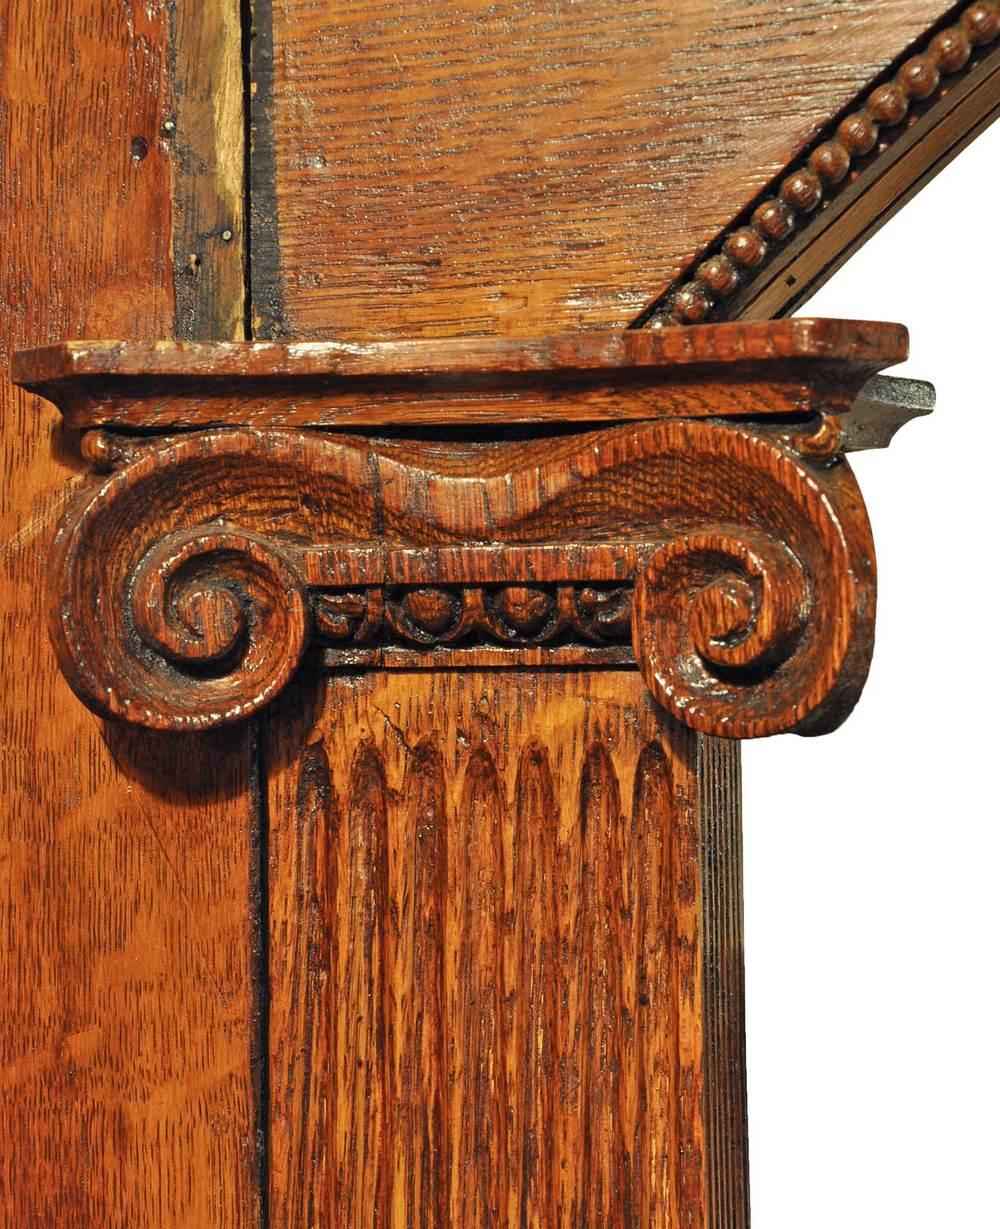 44961-staircase-column-detail.jpg